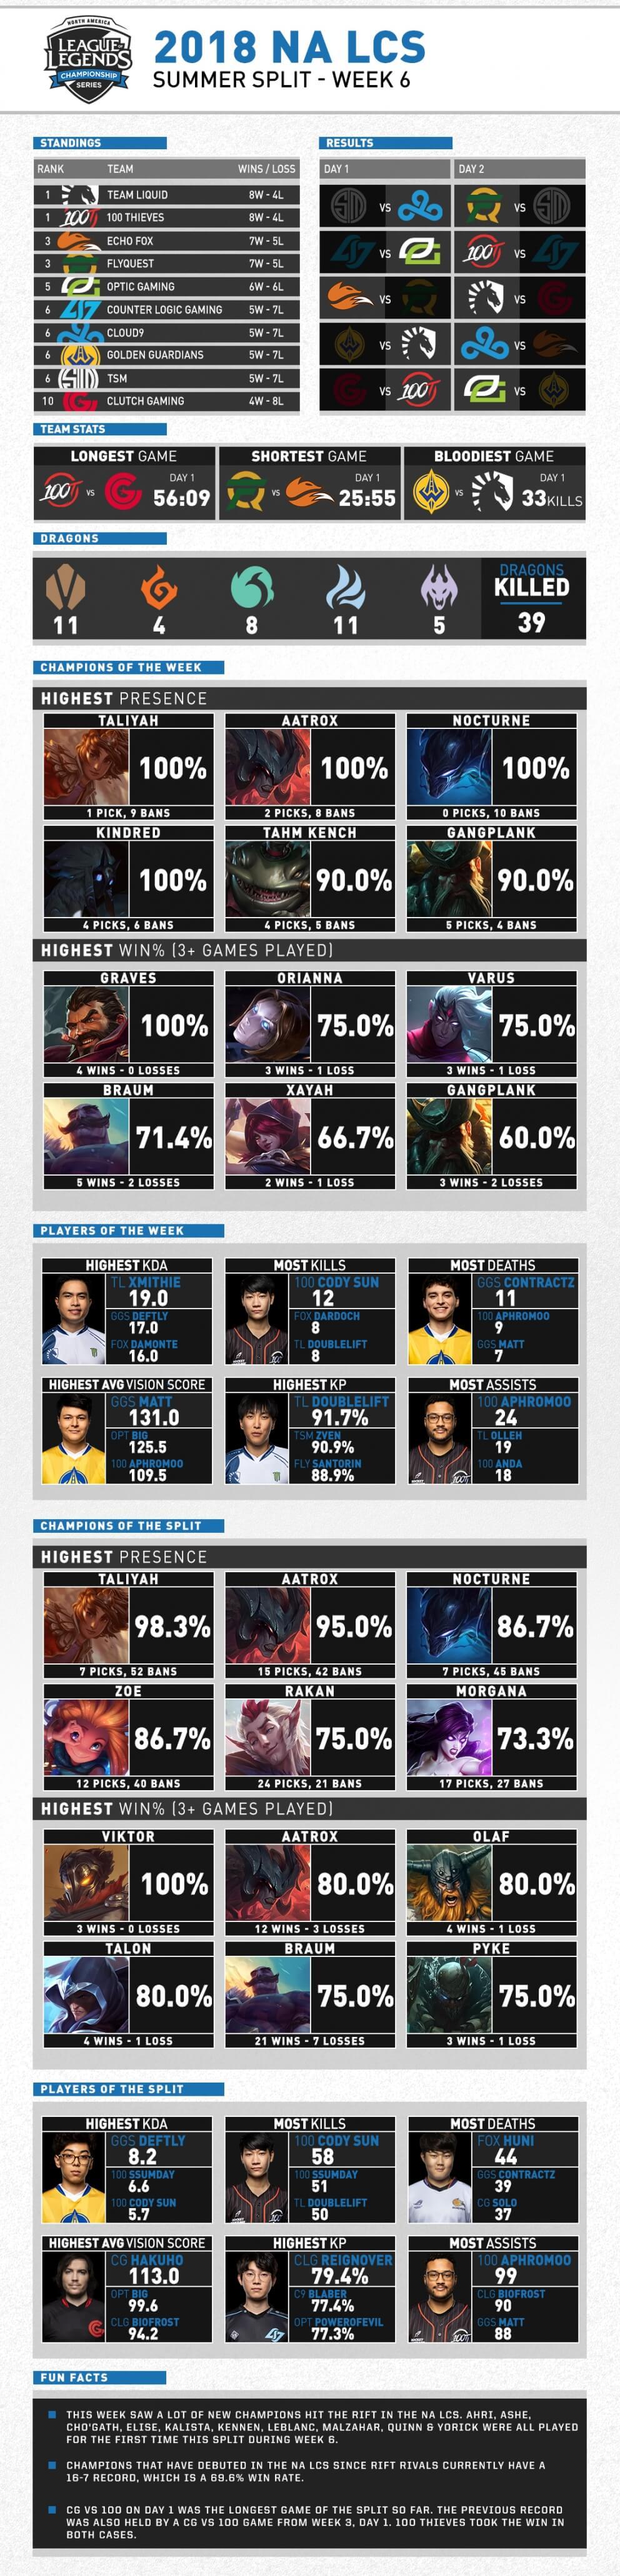 NA LCS Mùa Hè 2018 Tuần 6 Infographic